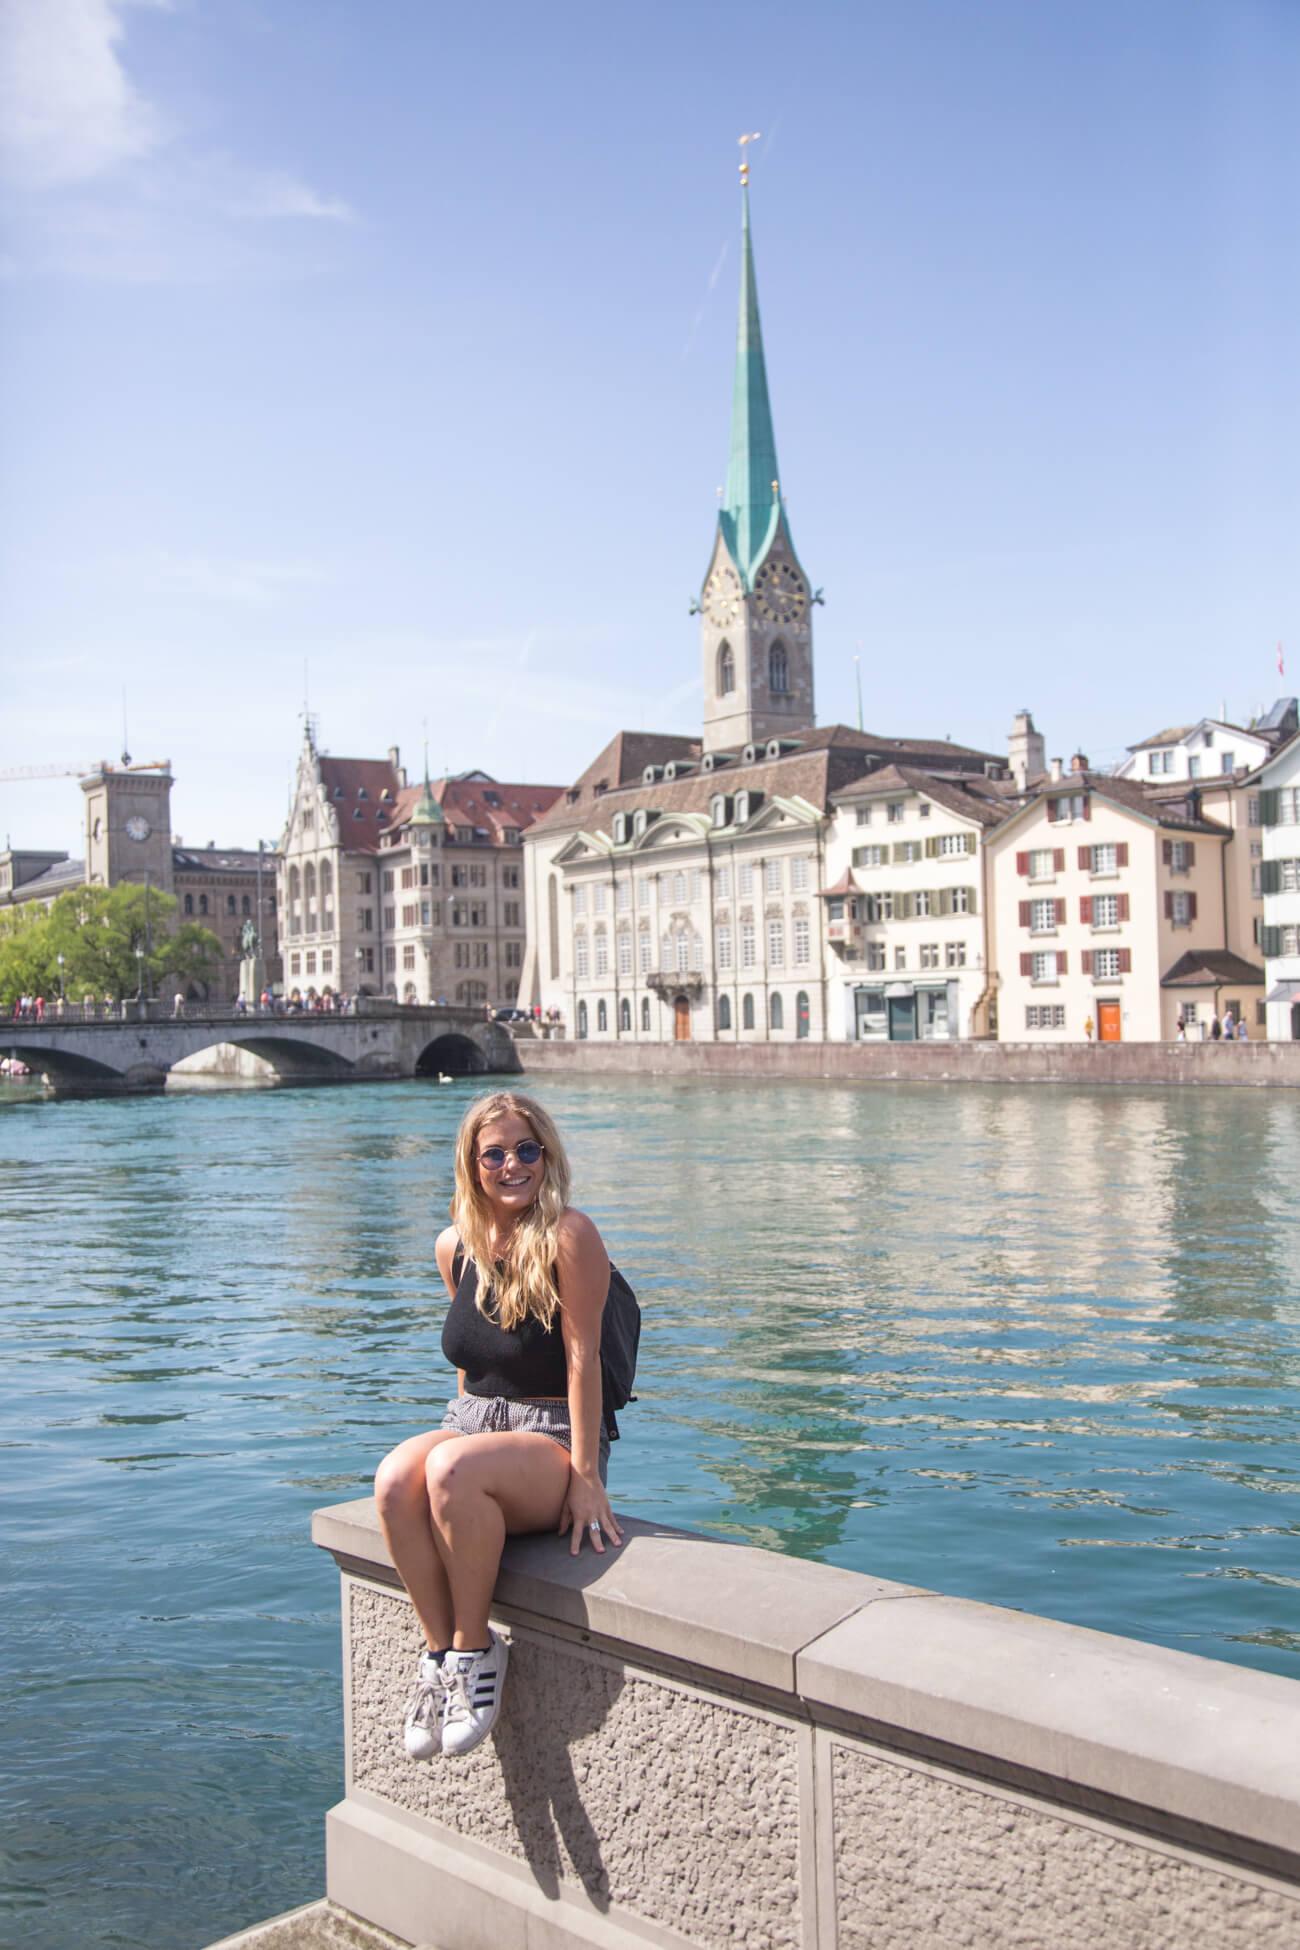 How to spend a dreamy 3 days in Zurich, Switzerland